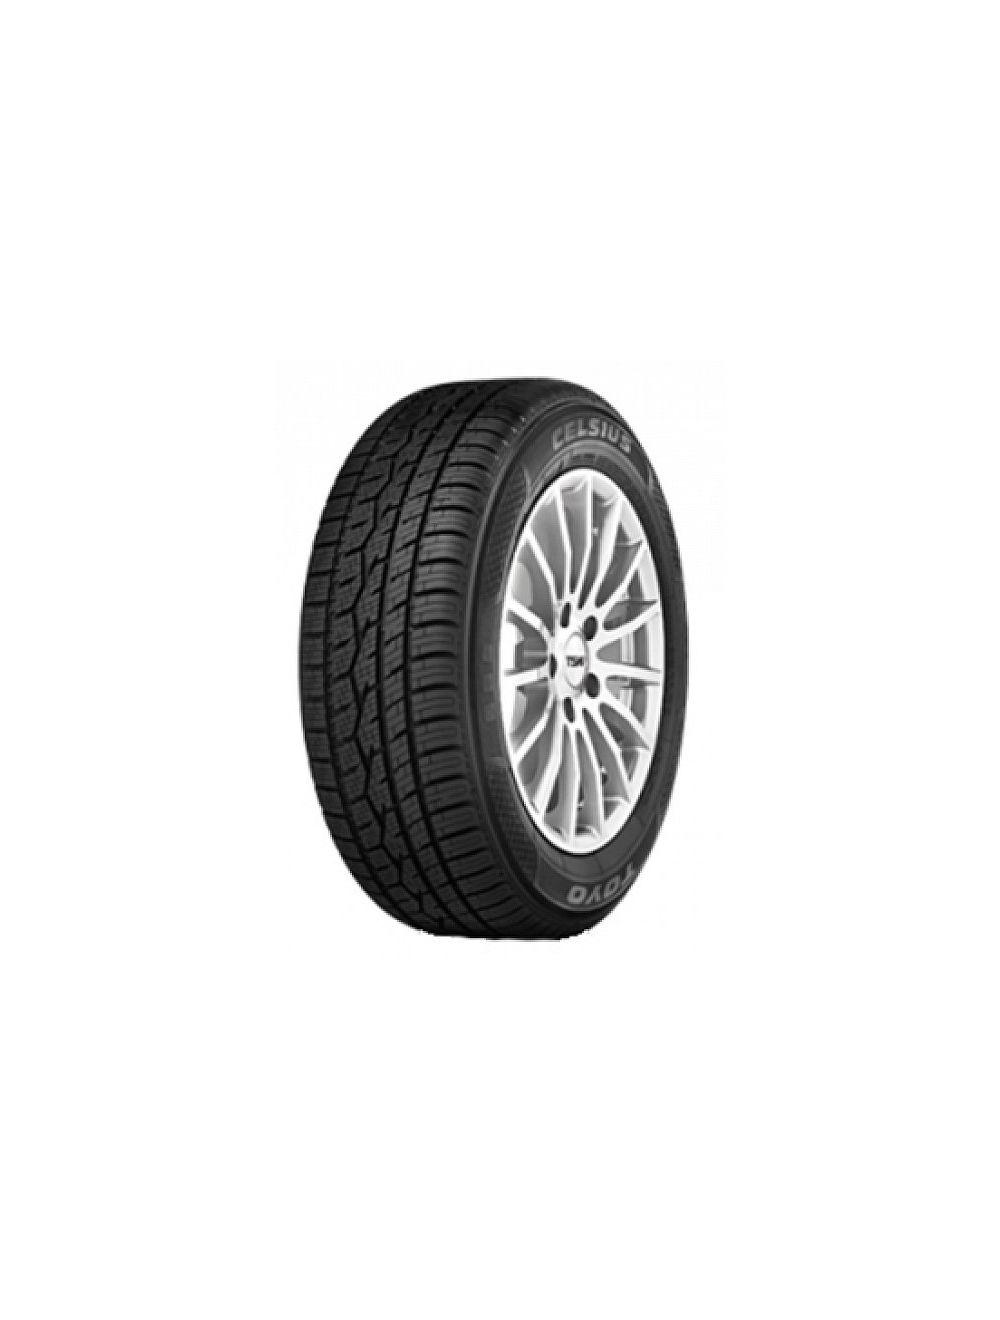 Toyo 165/70R14 T Celsius XL Négyévszakos gumi